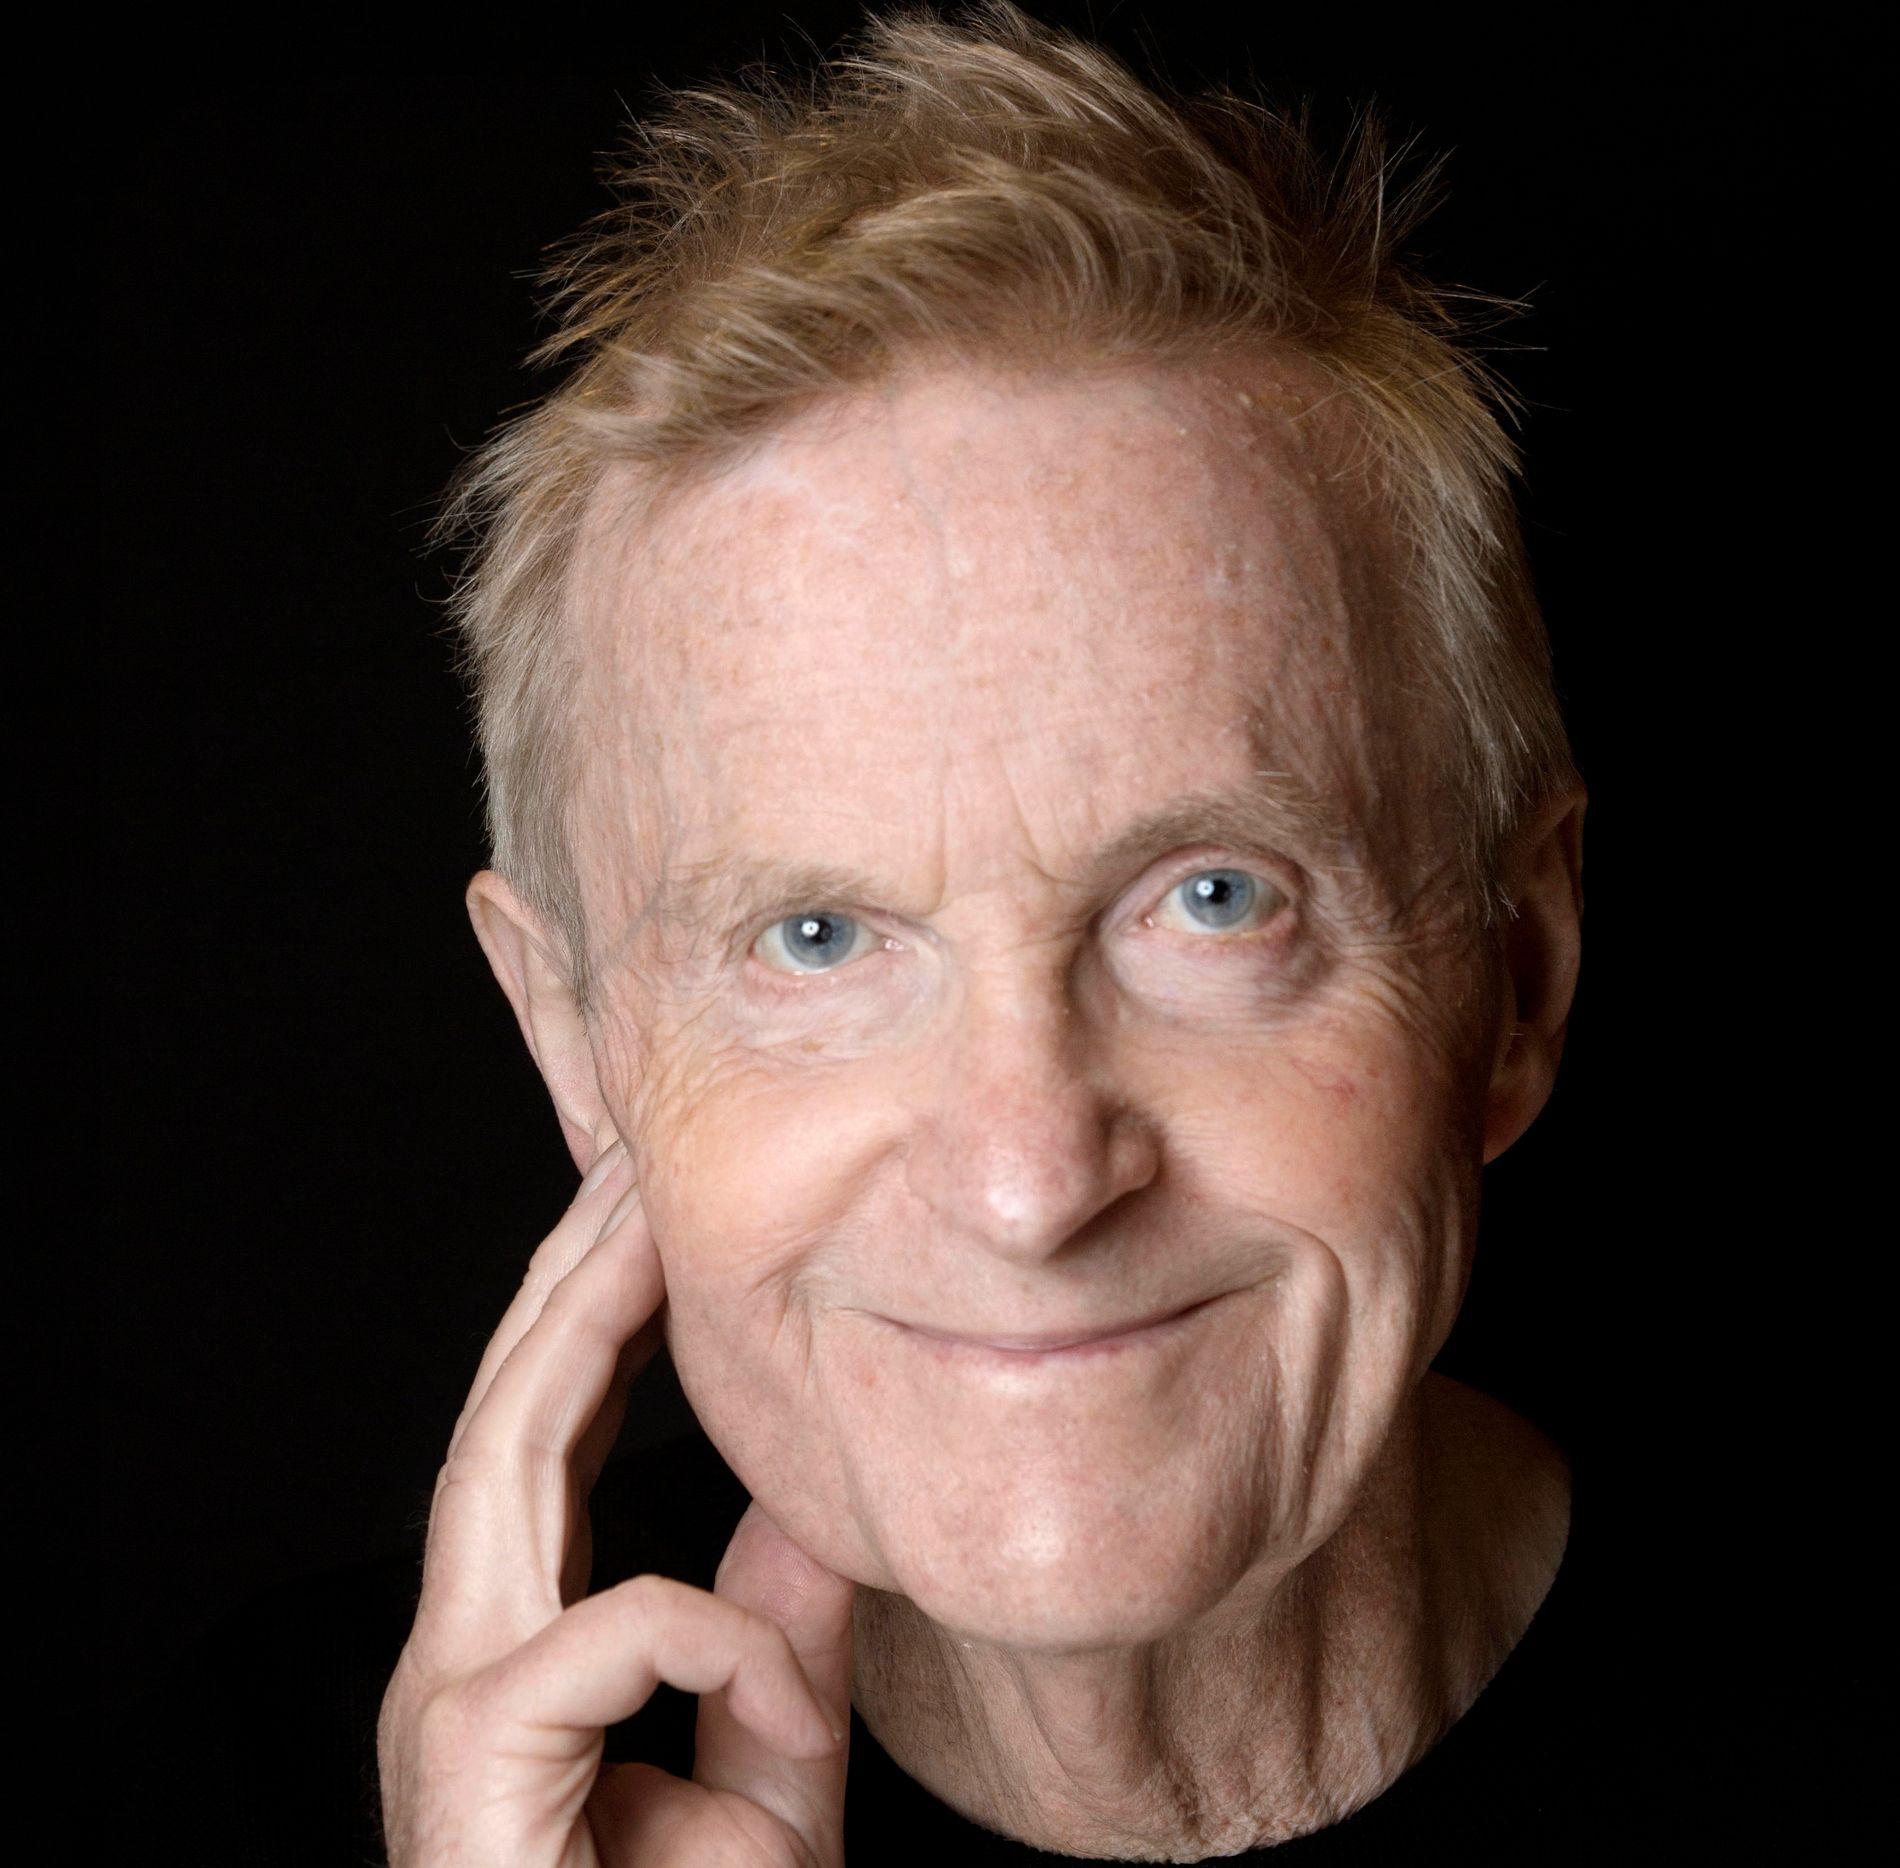 DØD: Den kjente advokaten Tor Erling Staff døde søndag 85 år gammel. Bildet er tatt i forbindelse med et intervju i VG Helg i 2013.